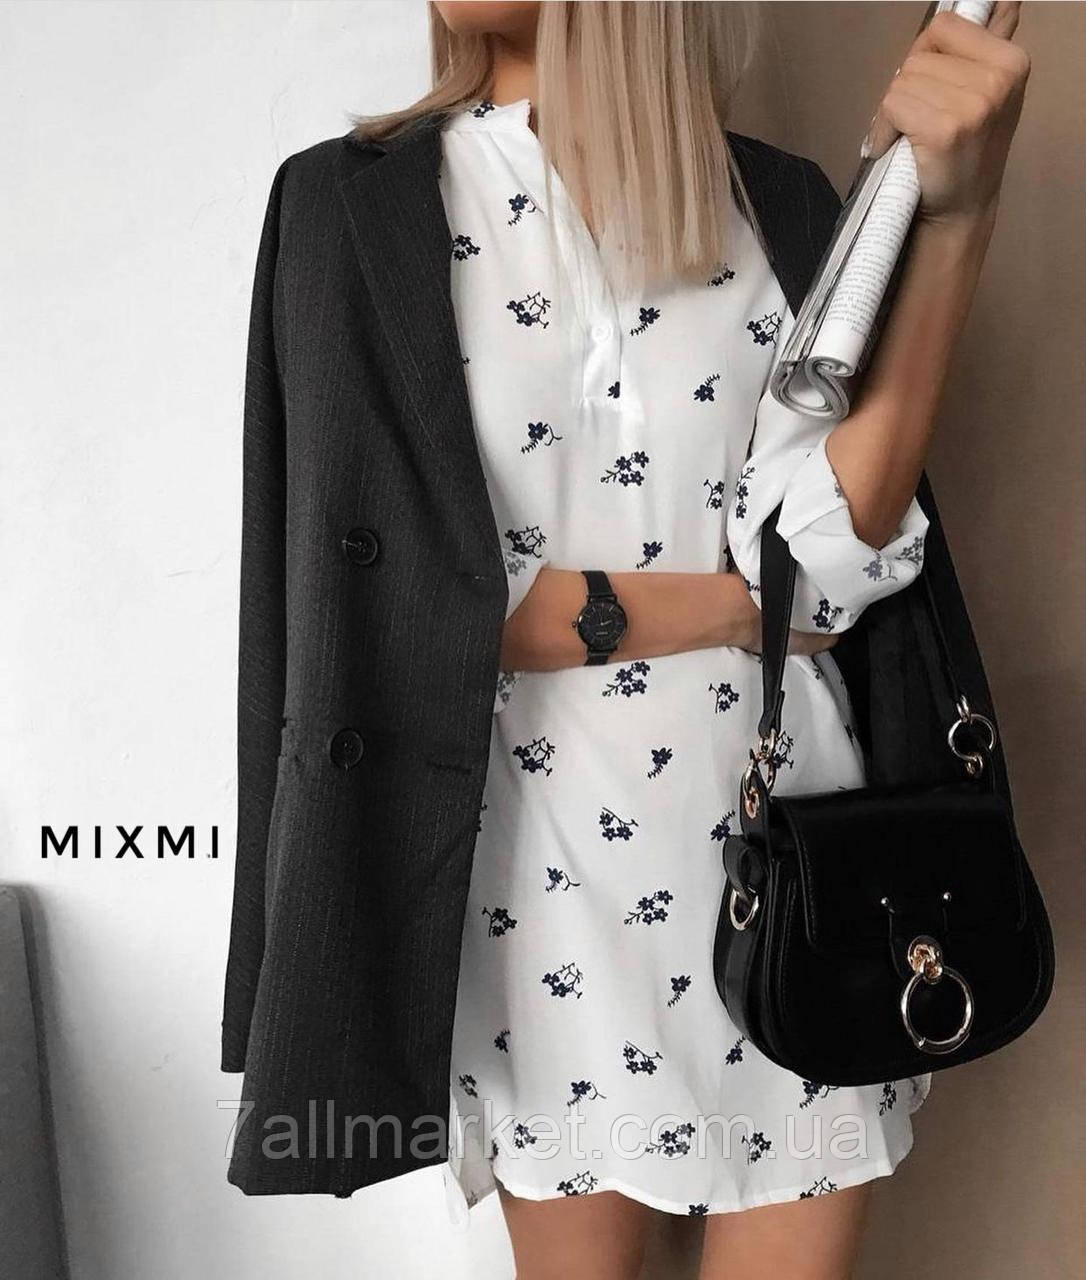 """Сукня жіноча молодіжна з принтом, розмір 42-46 """"MIXMI"""" купити недорого від прямого постачальника"""